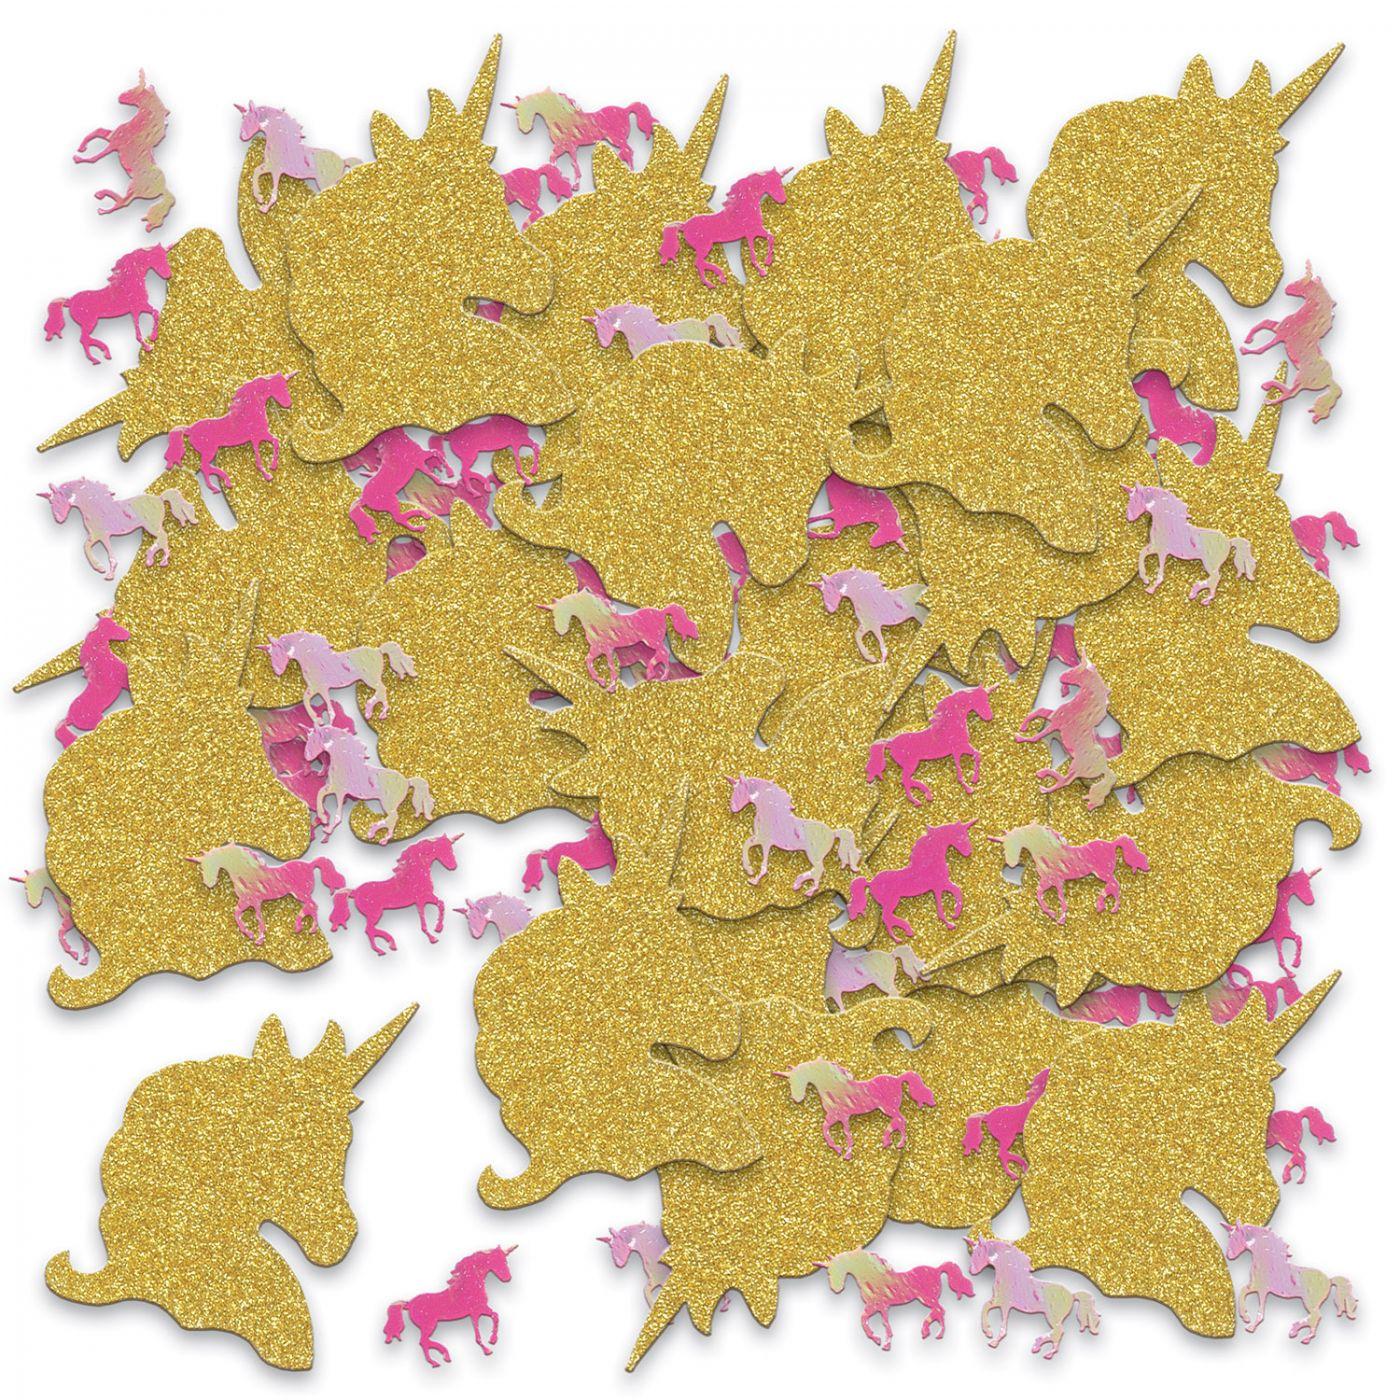 Unicorn Deluxe Sparkle Confetti image